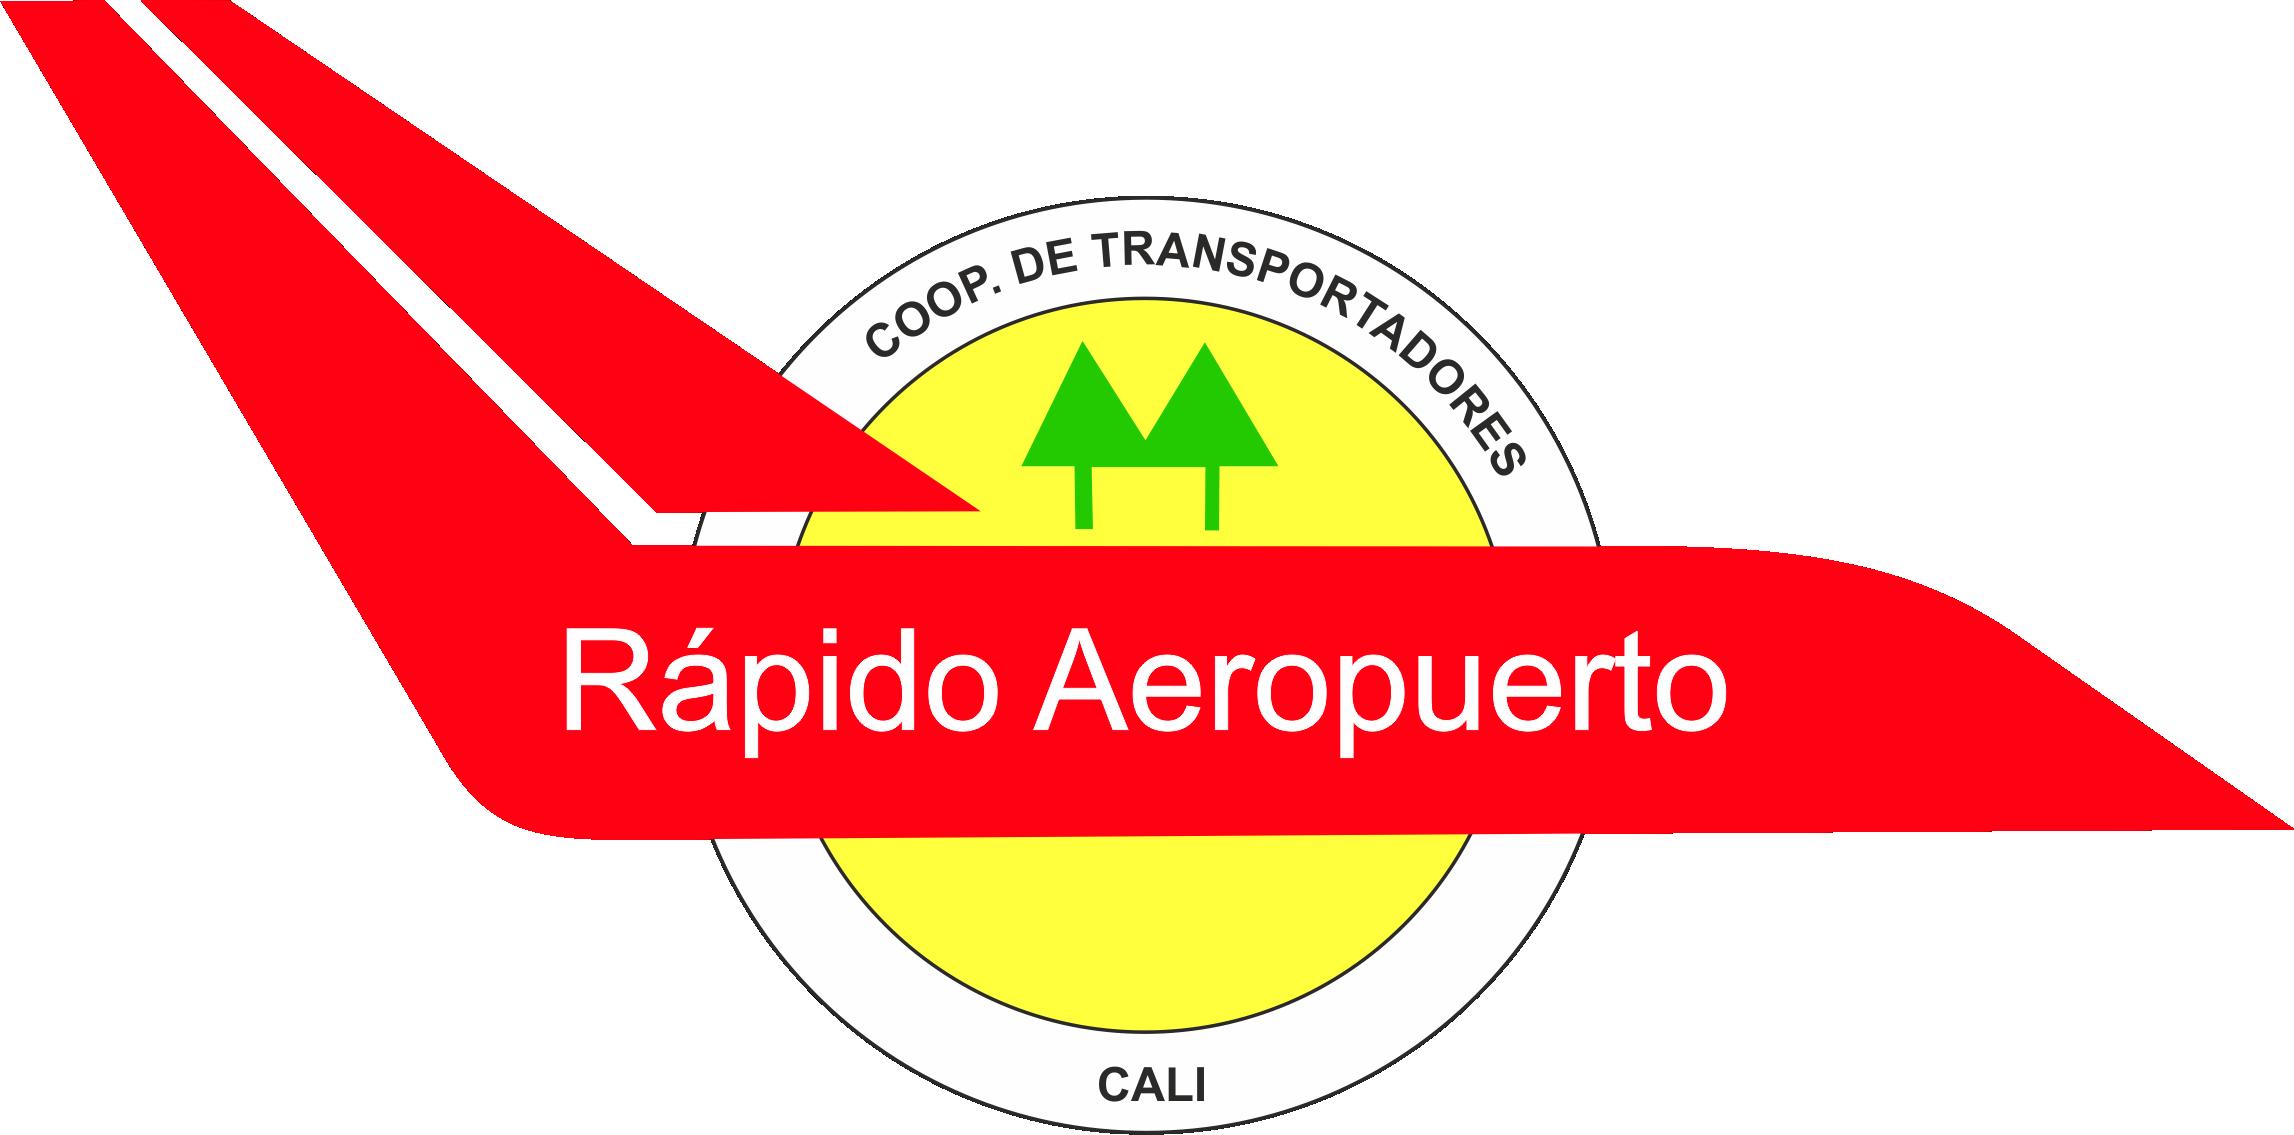 Rápido Aeropuerto Ltda